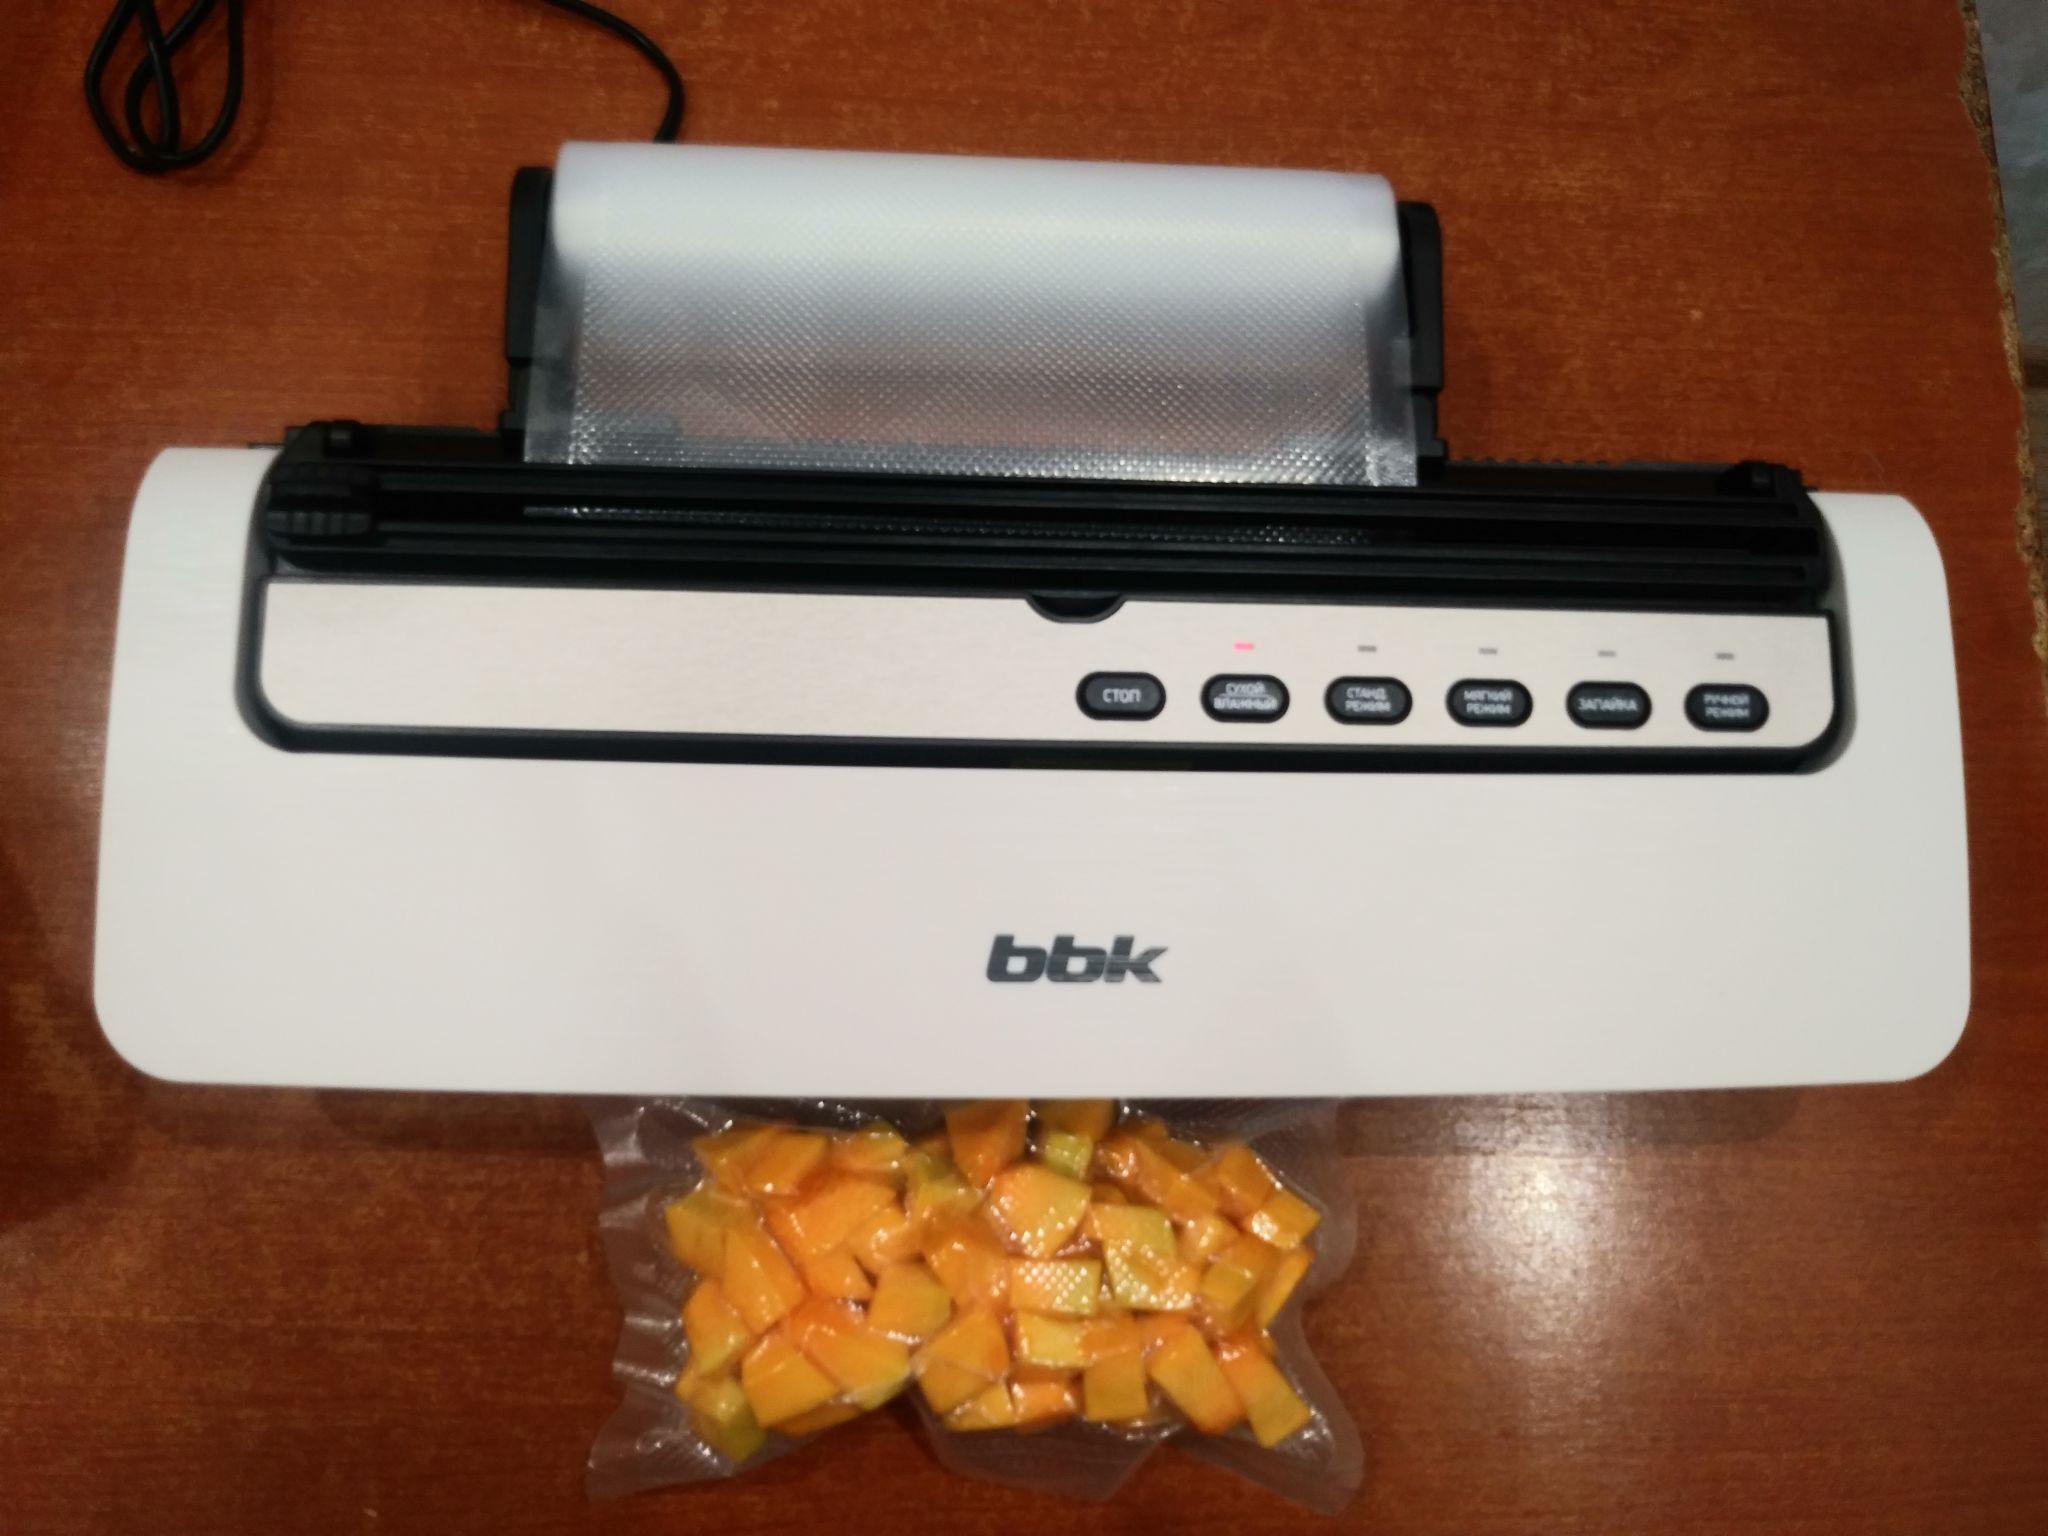 Bbk вакуумный упаковщик bvs801 купить массажеры электронные для плеч